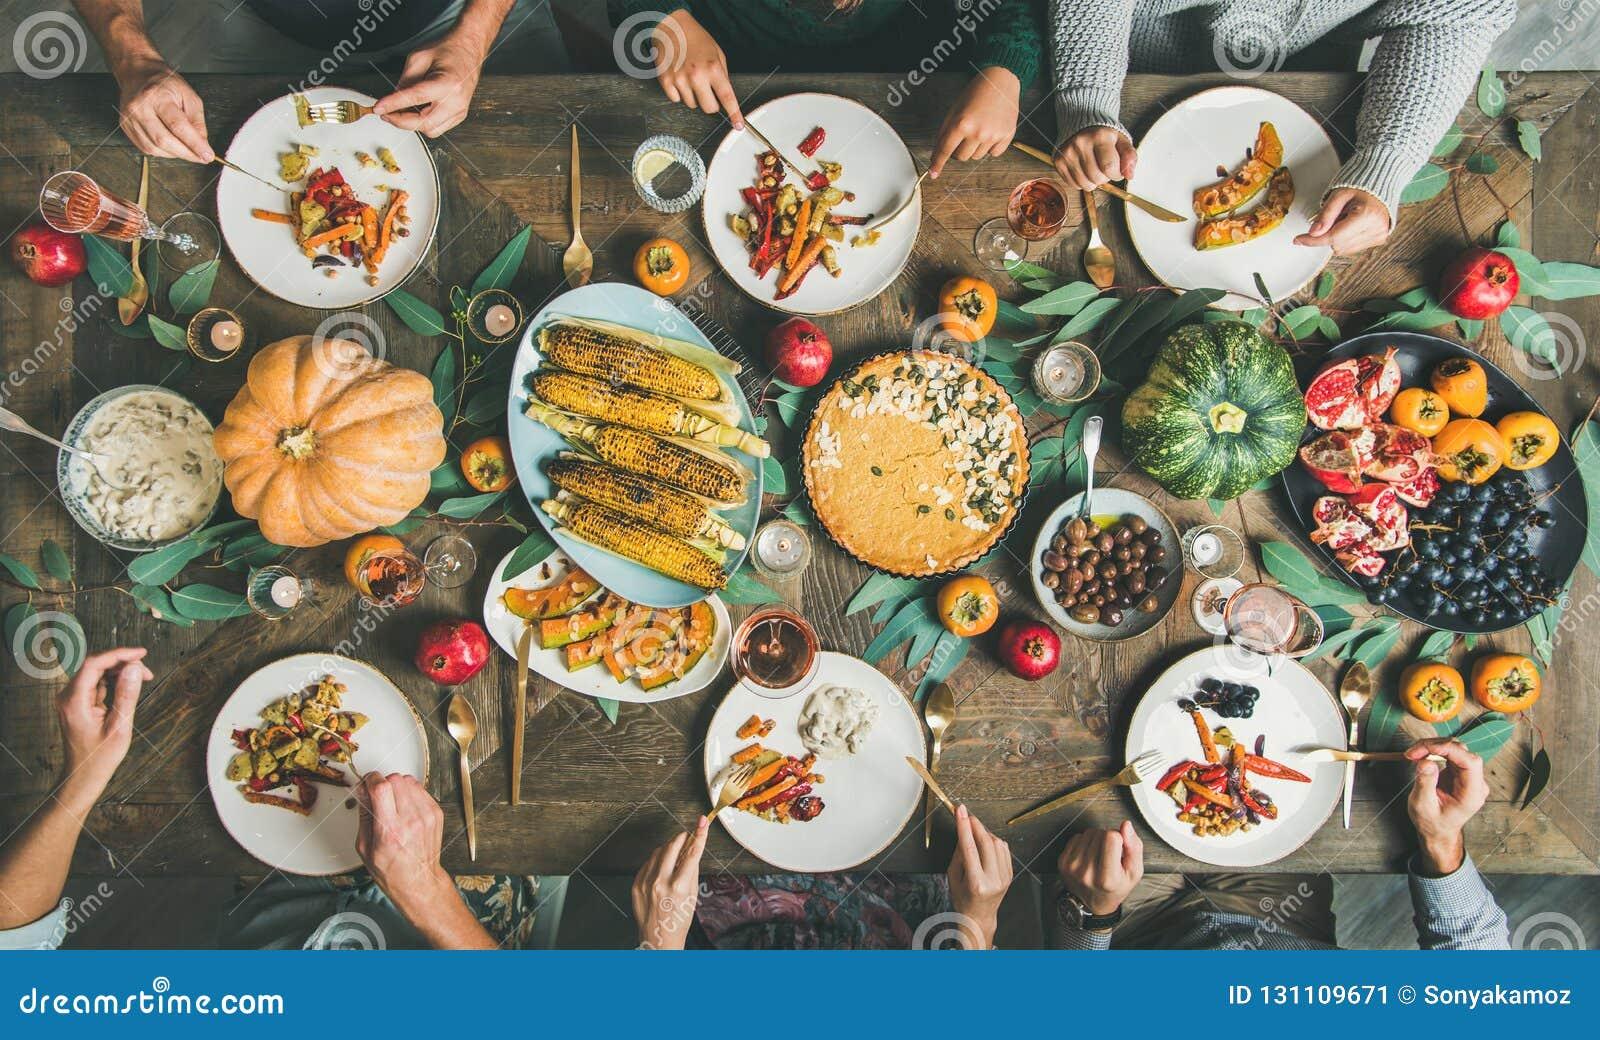 Freunde, die am Danksagungs-Tagestisch mit vegetarischen Imbissen essen